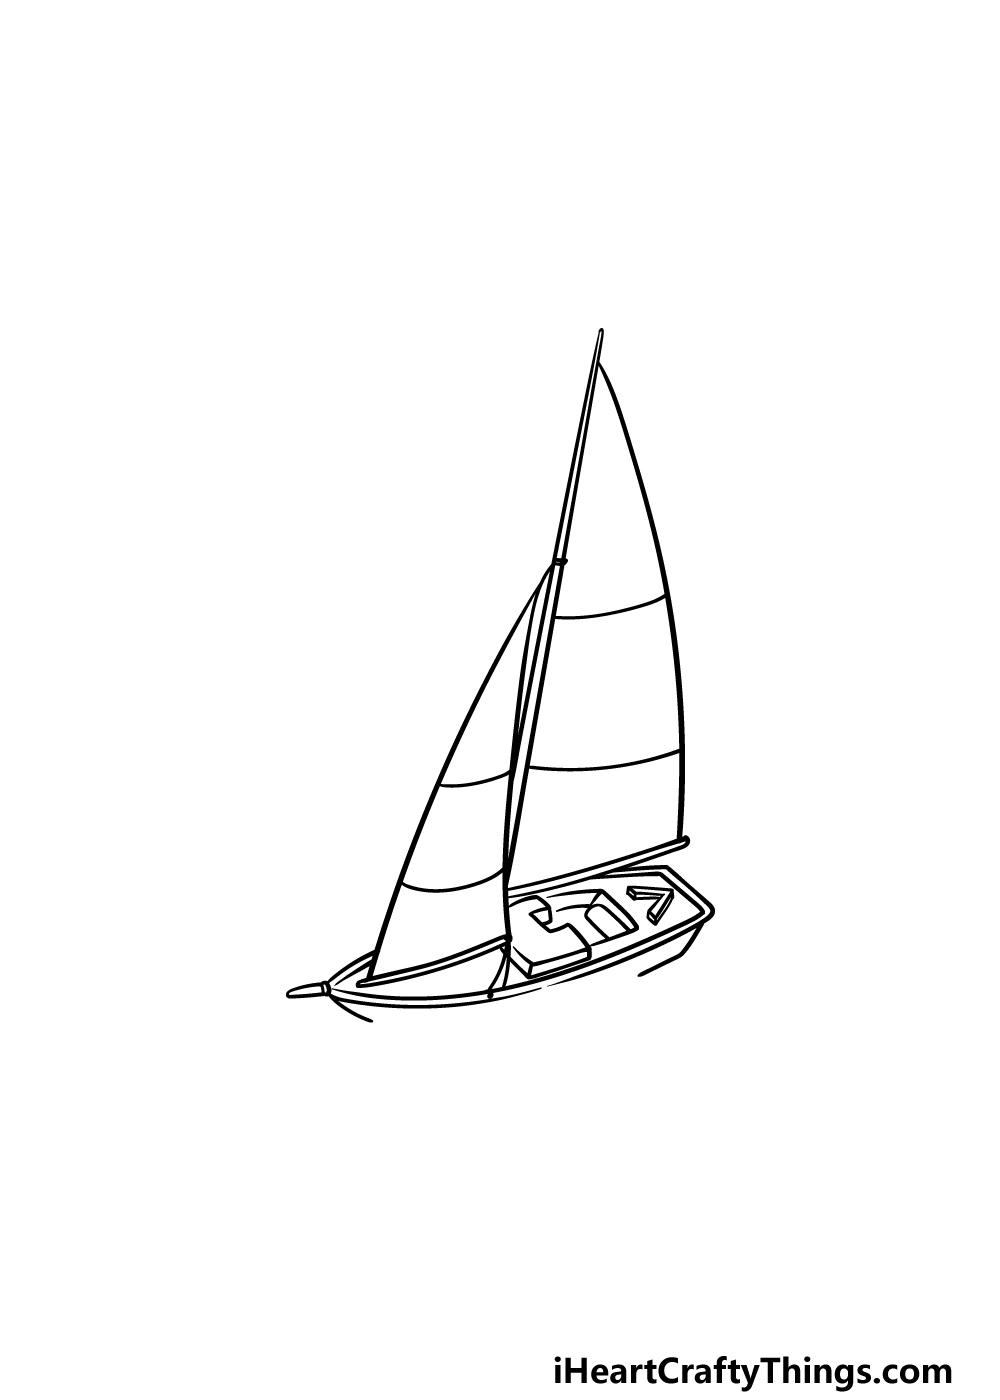 drawing a sailboat step 4